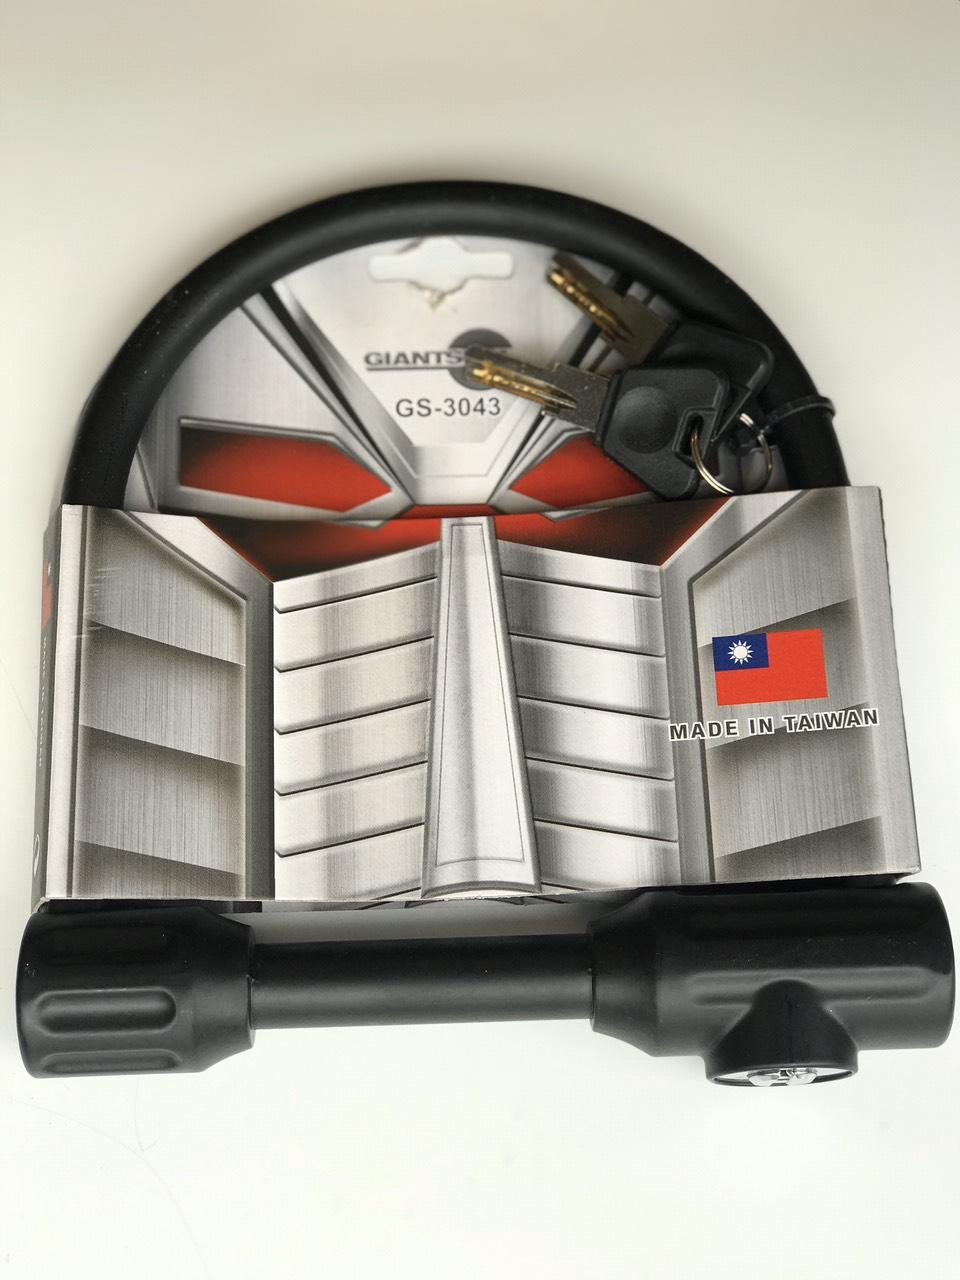 Khóa U đen khóa bánh xe máy chống cắt nhập khẩu Đài Loan GS0343